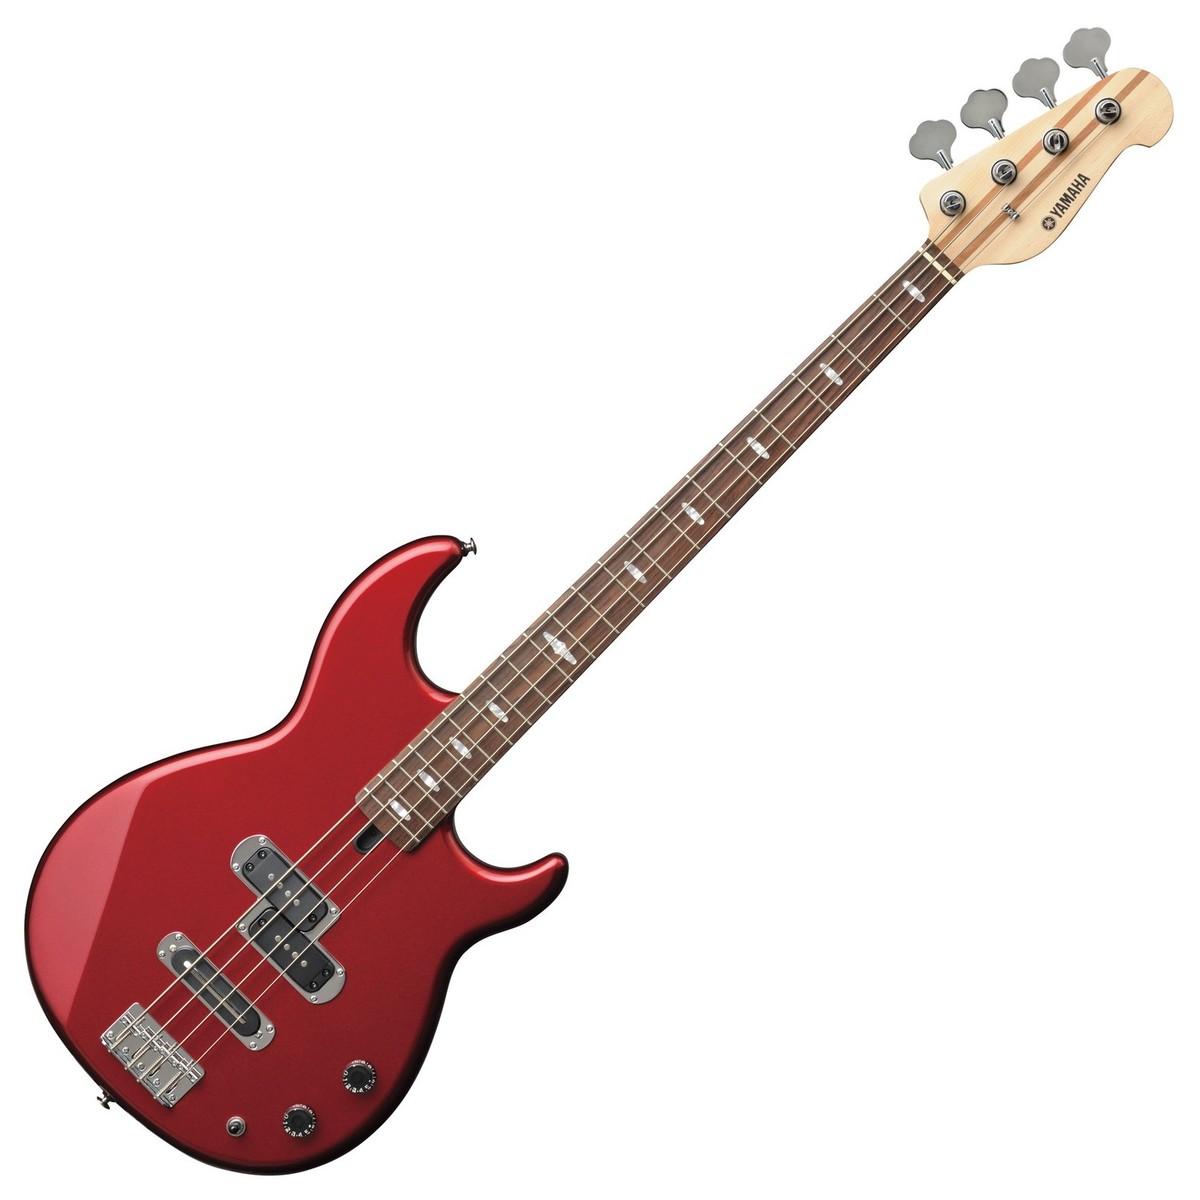 Red Yamaha Bass Guitar